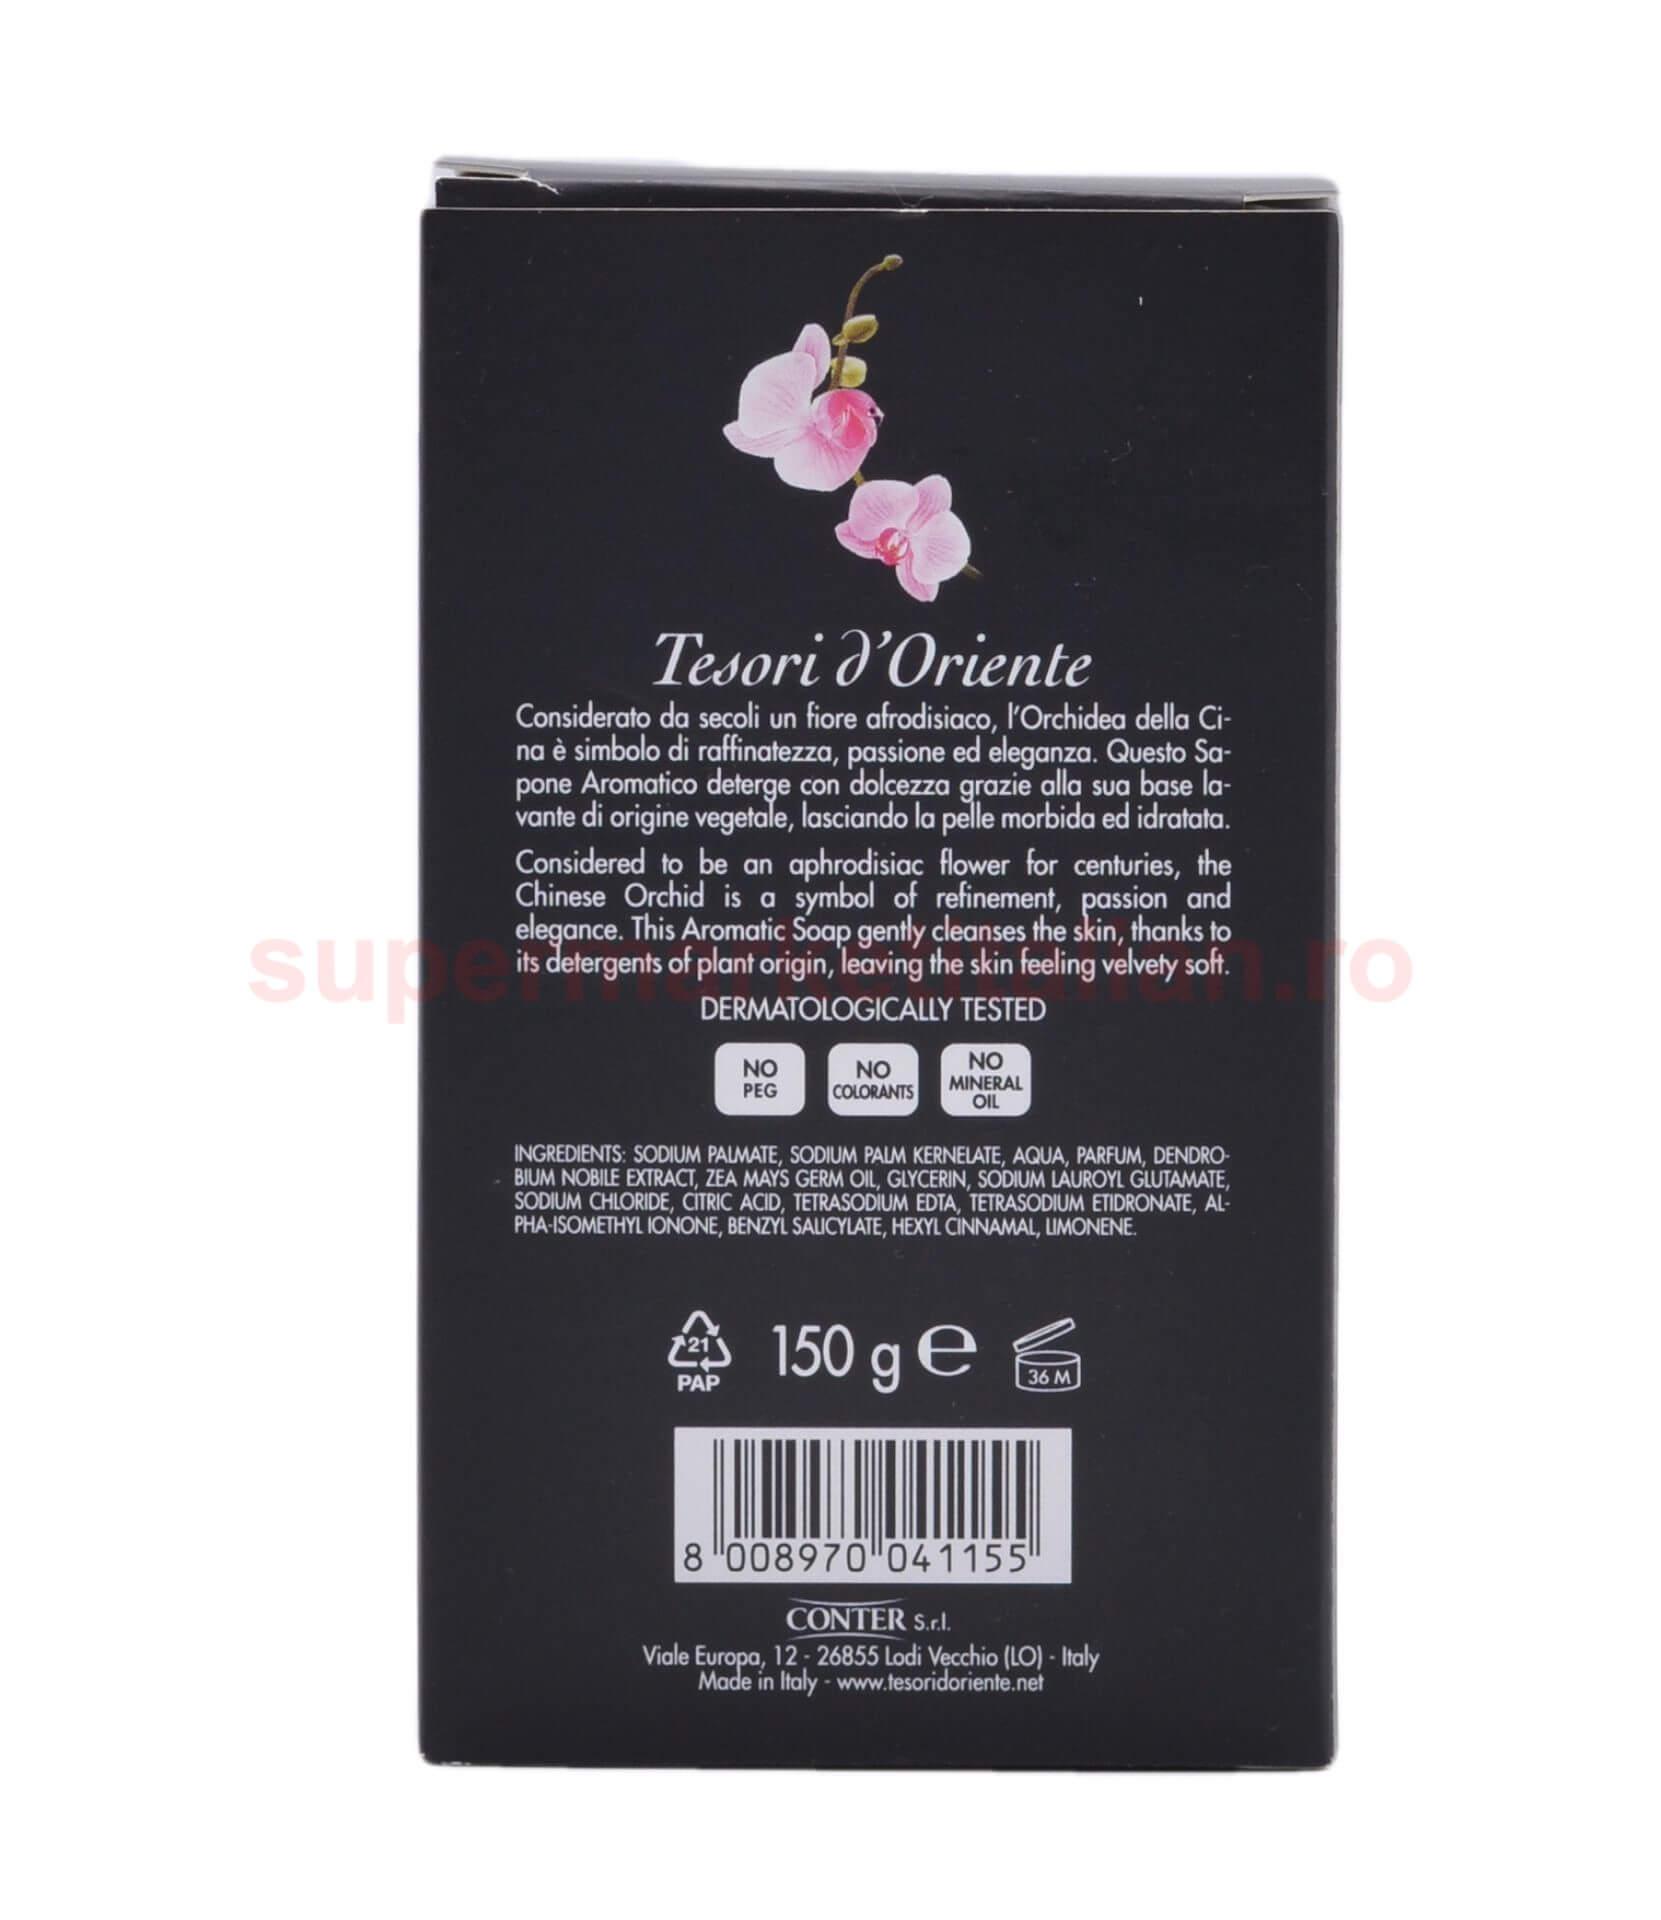 Sapun solid Tesori dOriente cu Orhidee din China 150 grame 8008970041155 2